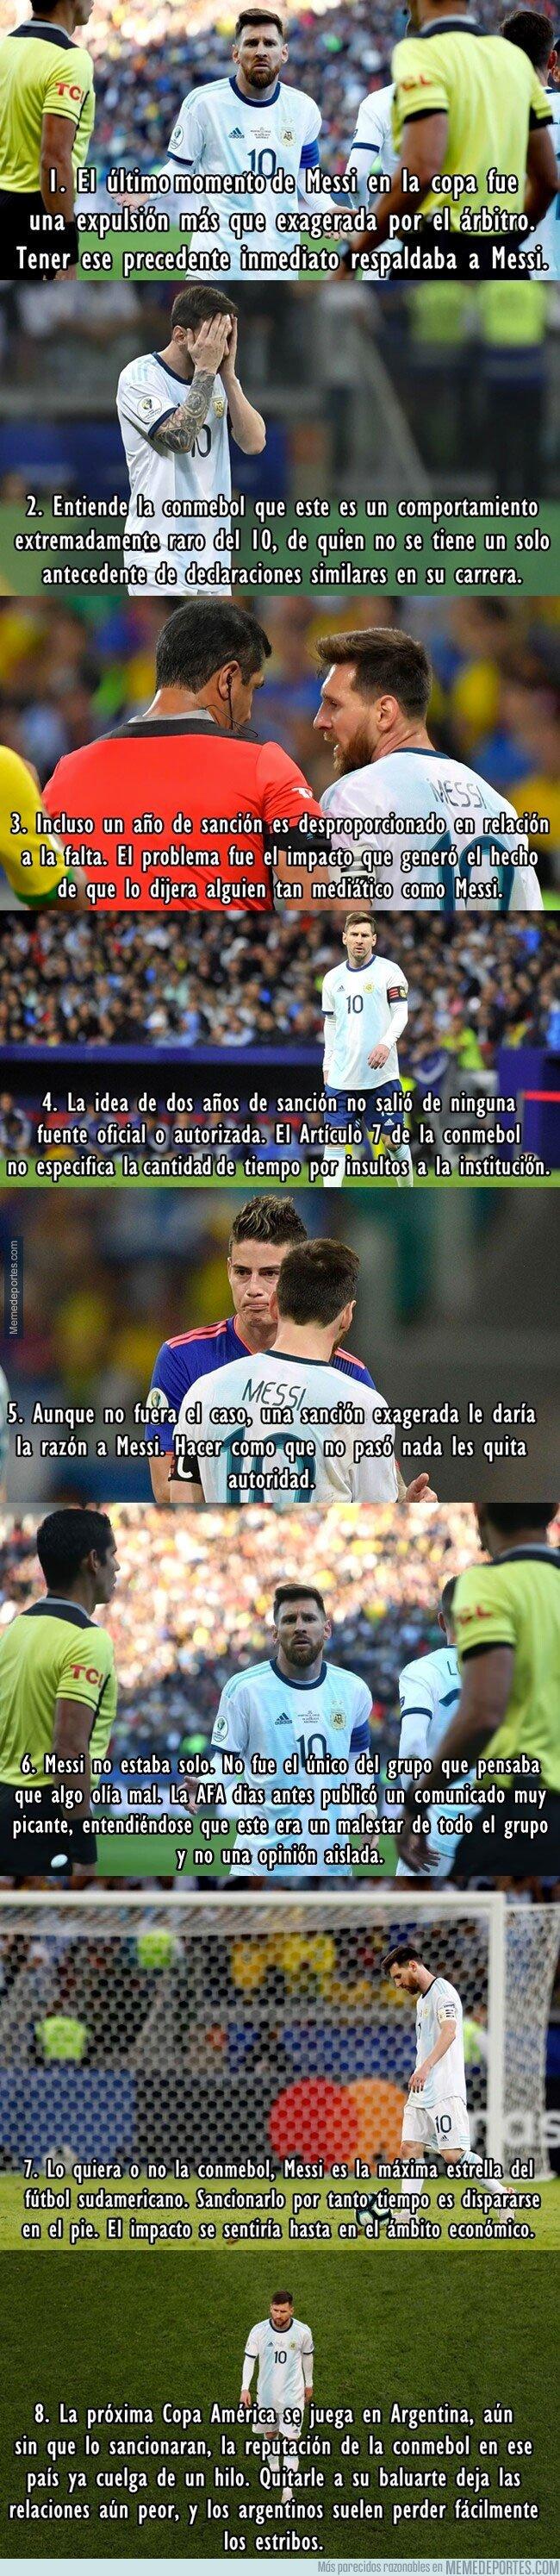 1081943 - 8 razones por las que la Conmebol no se quemó mucho con Messi